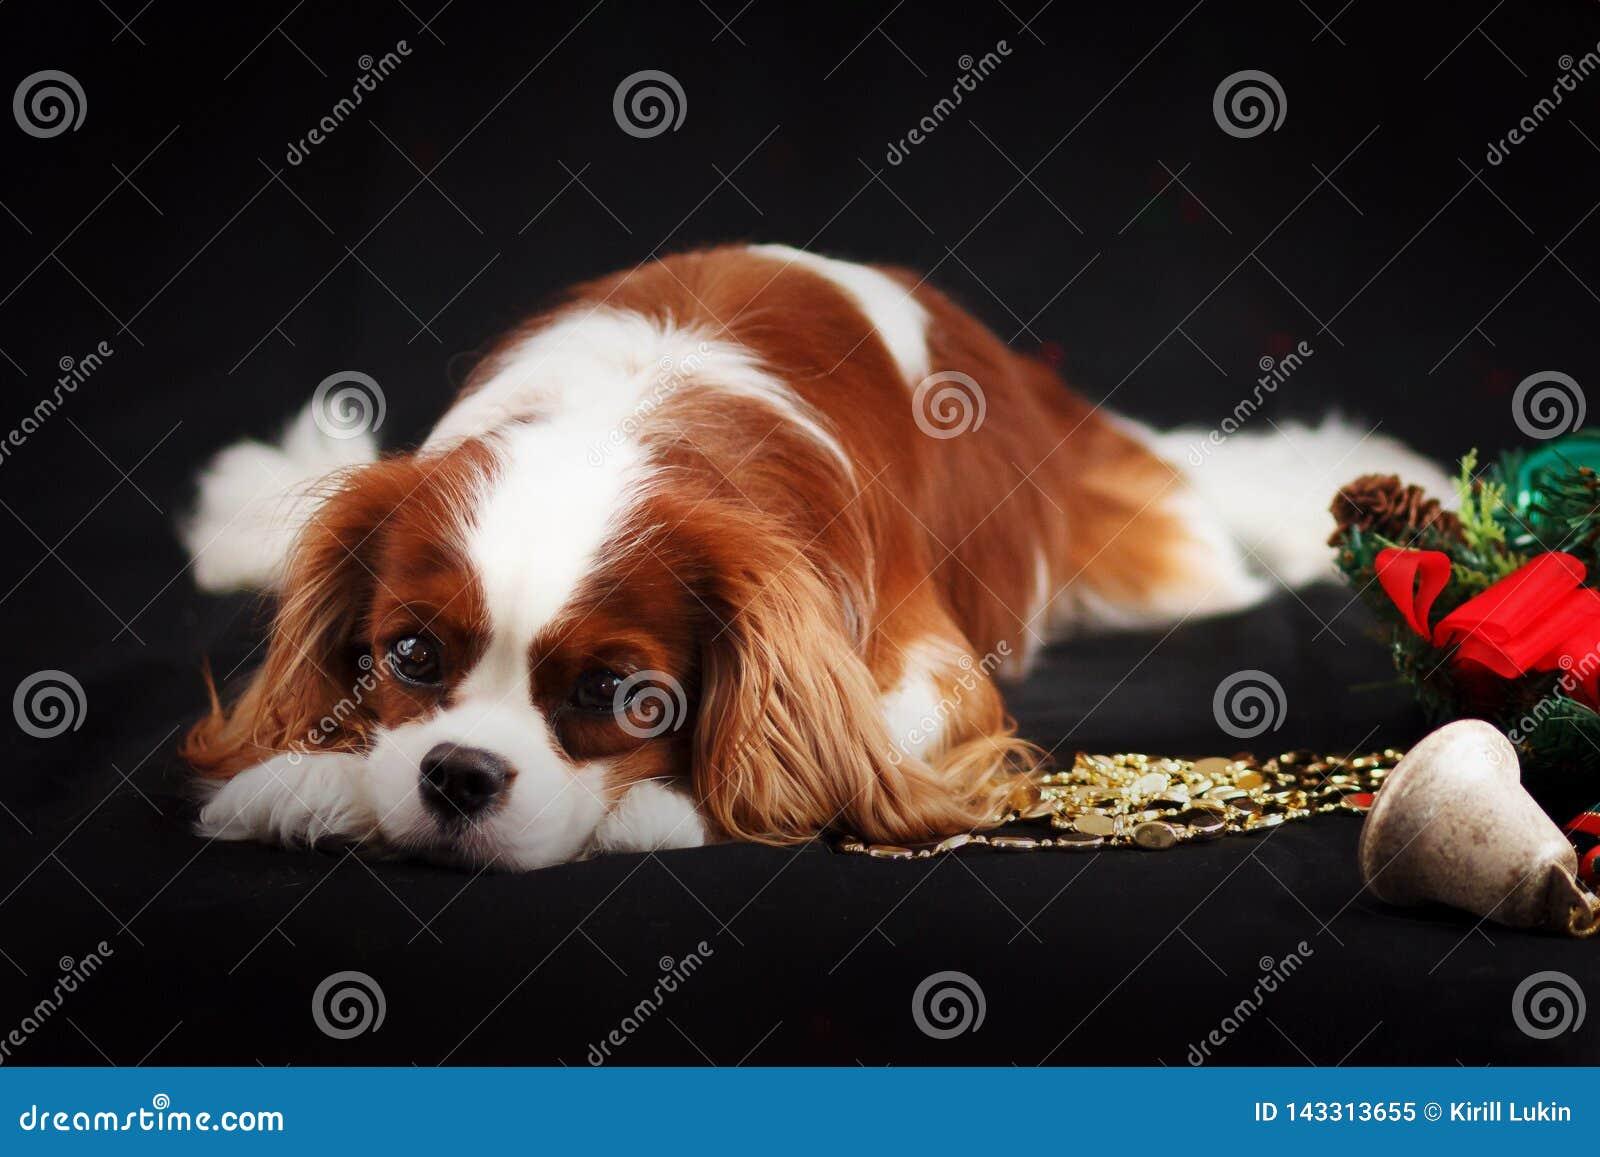 骑士国王查尔斯狗圣诞节照片在黑背景的